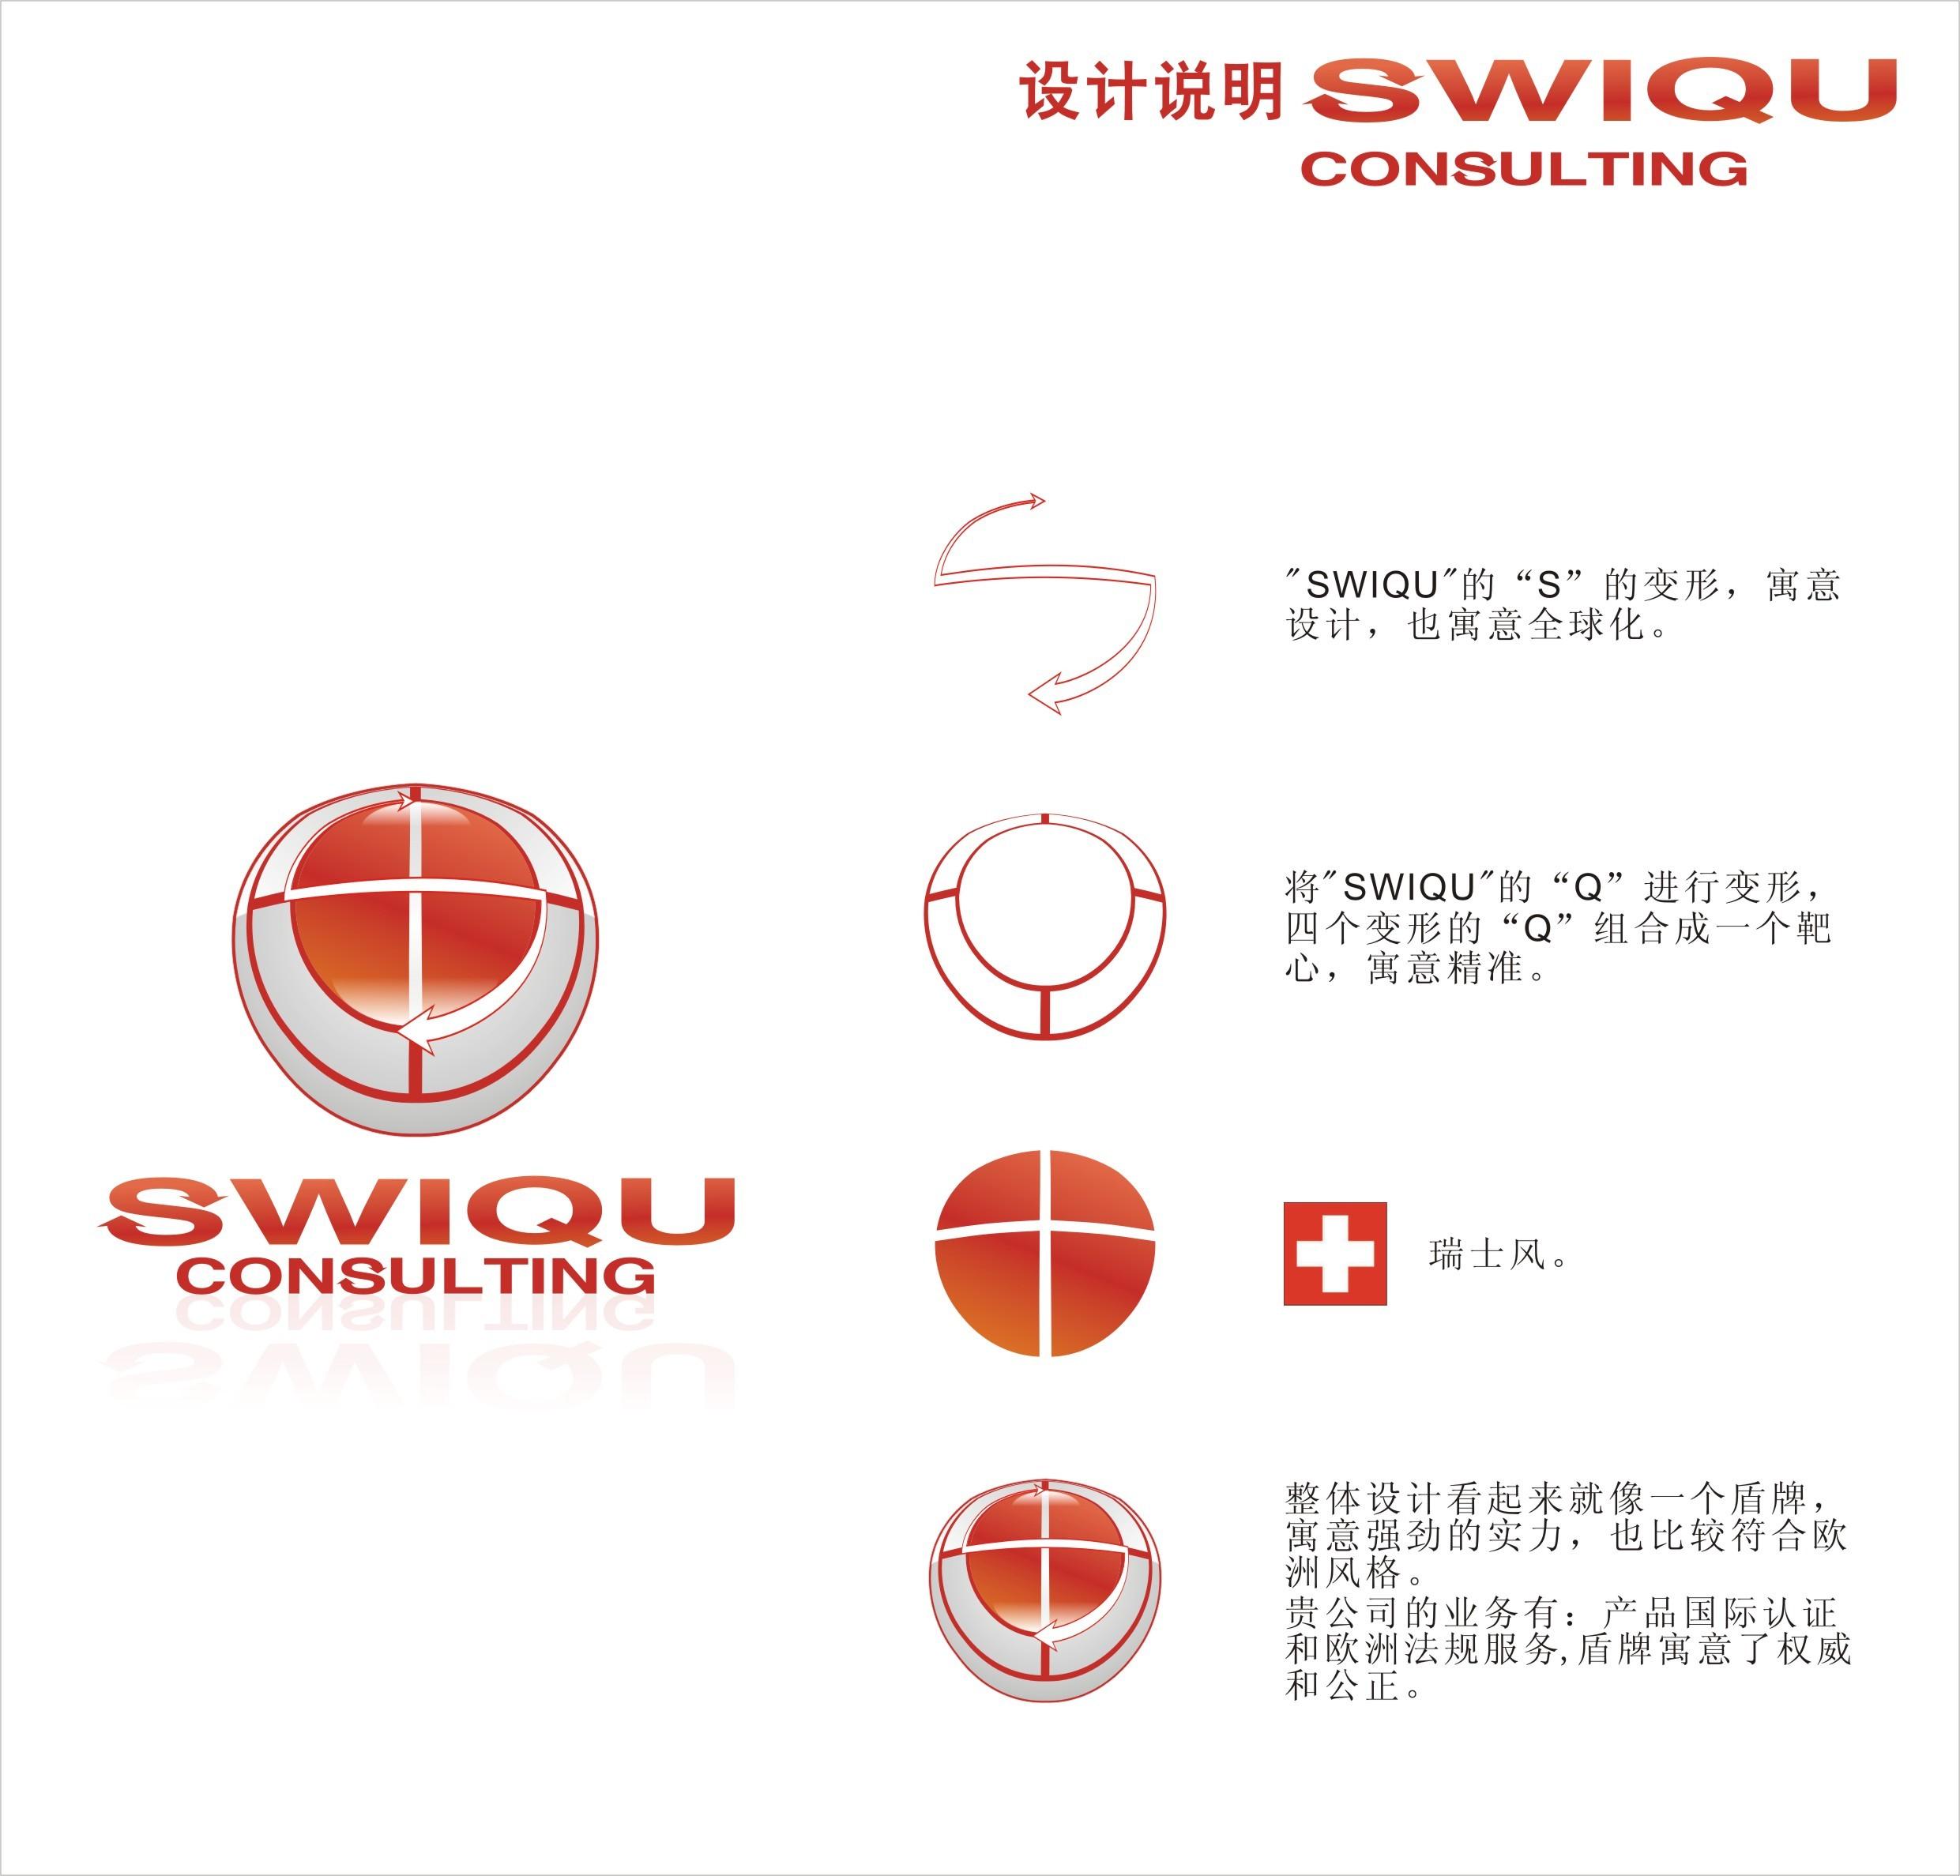 瑞士公司logo设计|平面|标志|cxy19861125 - 原创作品